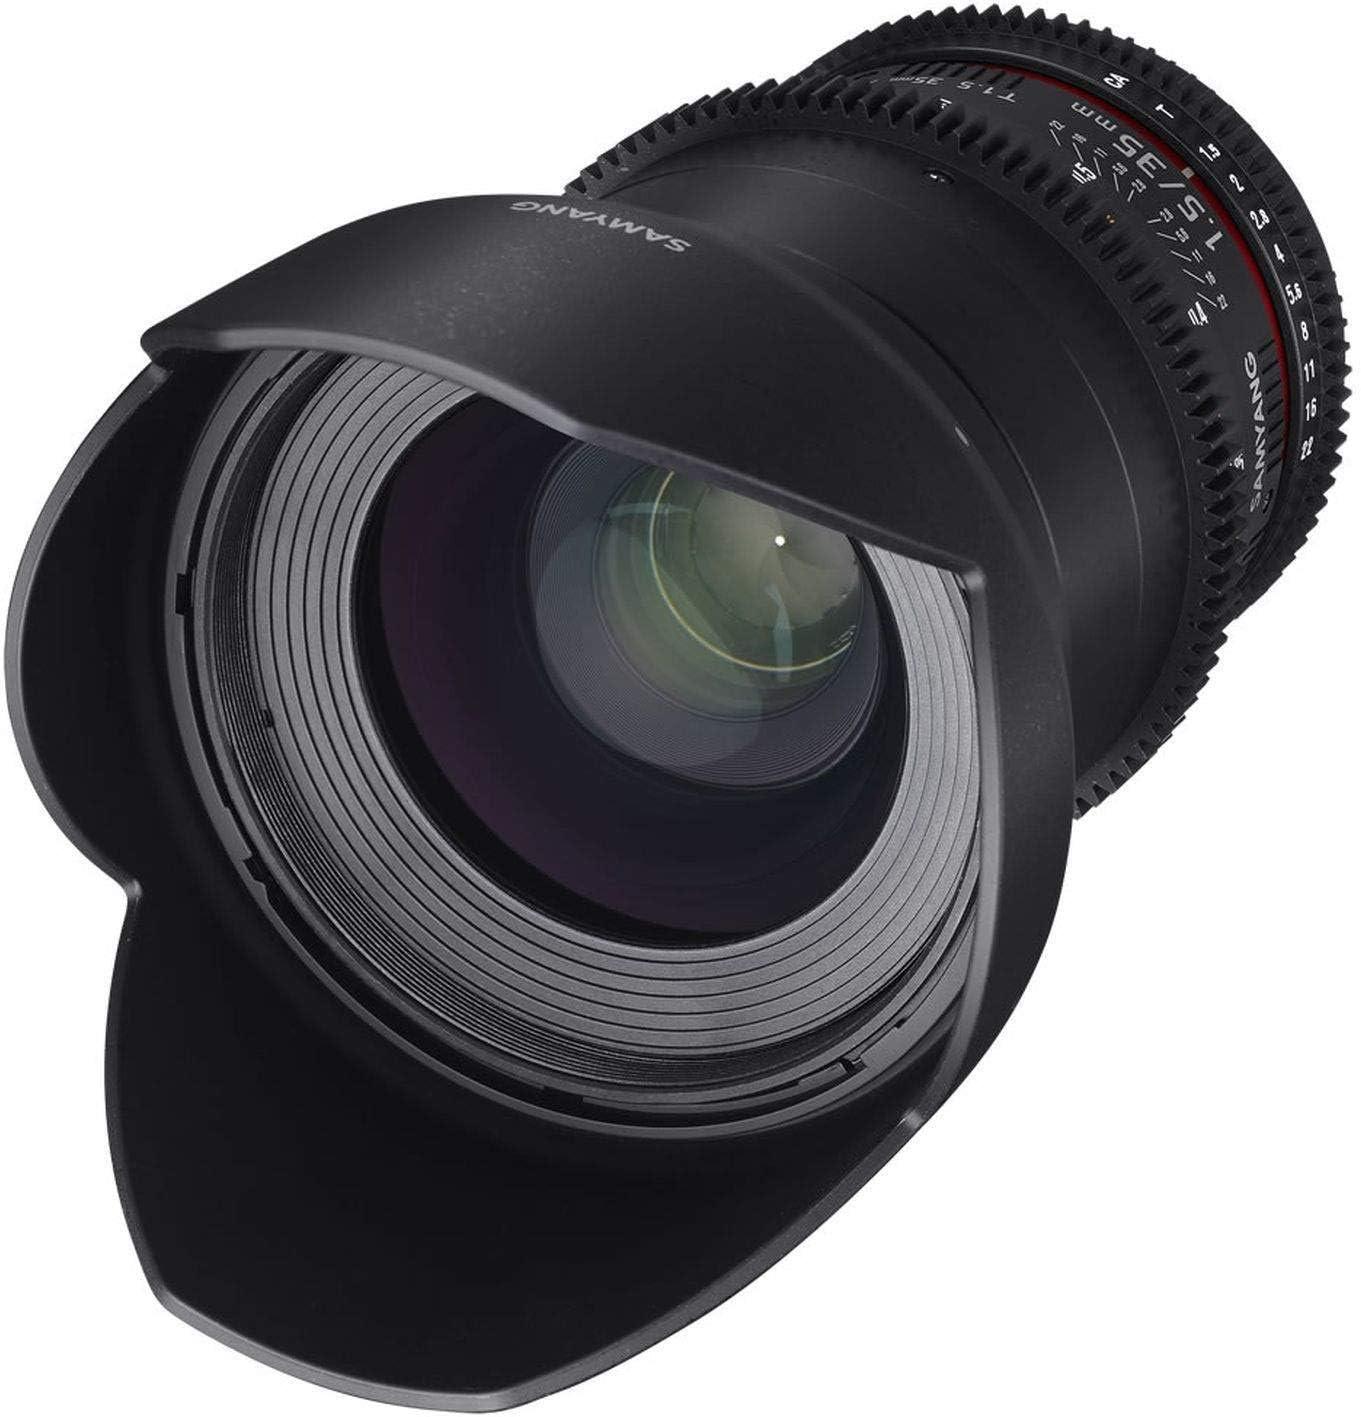 Samyang F1312901101 - Objetivo para vídeo VDSLR para Canon EF (Distancia Focal Fija 35mm, Apertura T1.5-22 AS UMC II, diámetro Filtro: 77mm), Negro